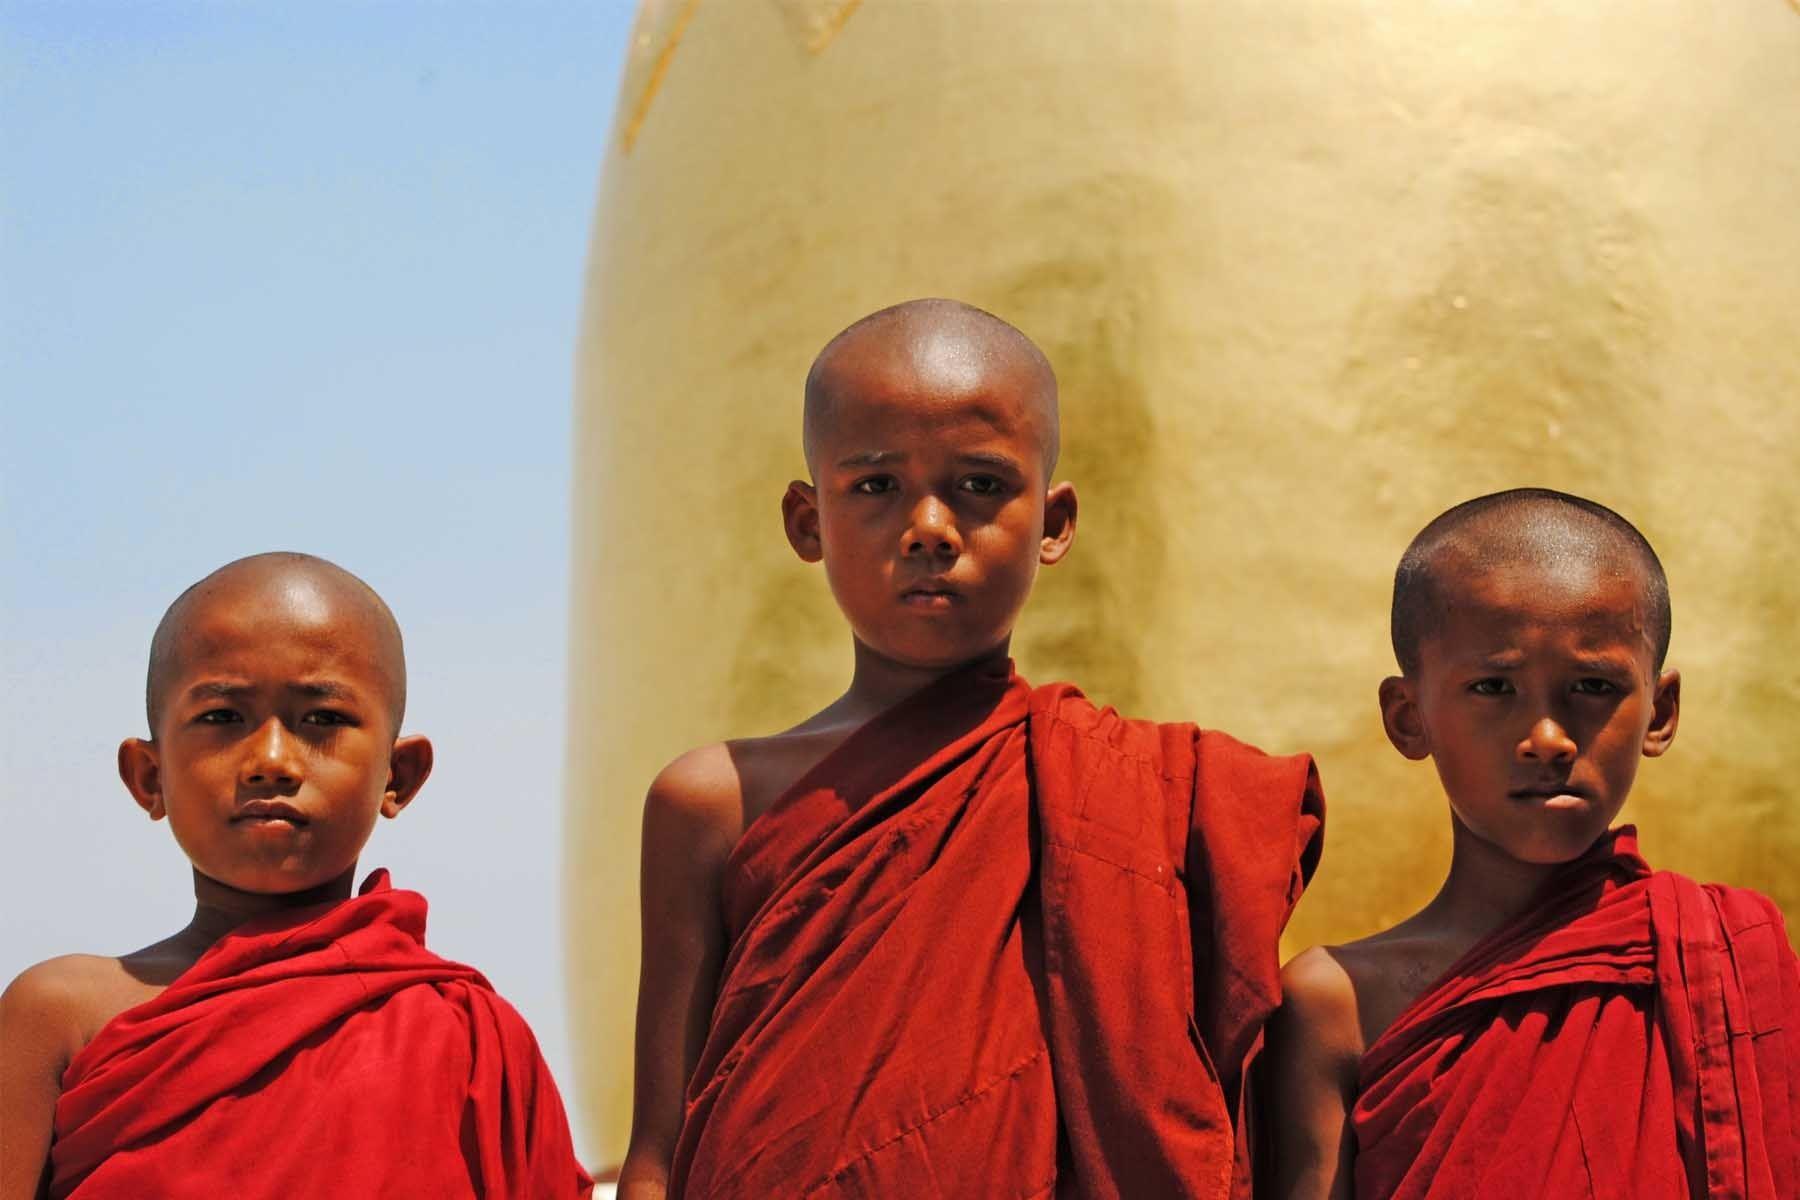 103___bagan_monks___compressed.jpg